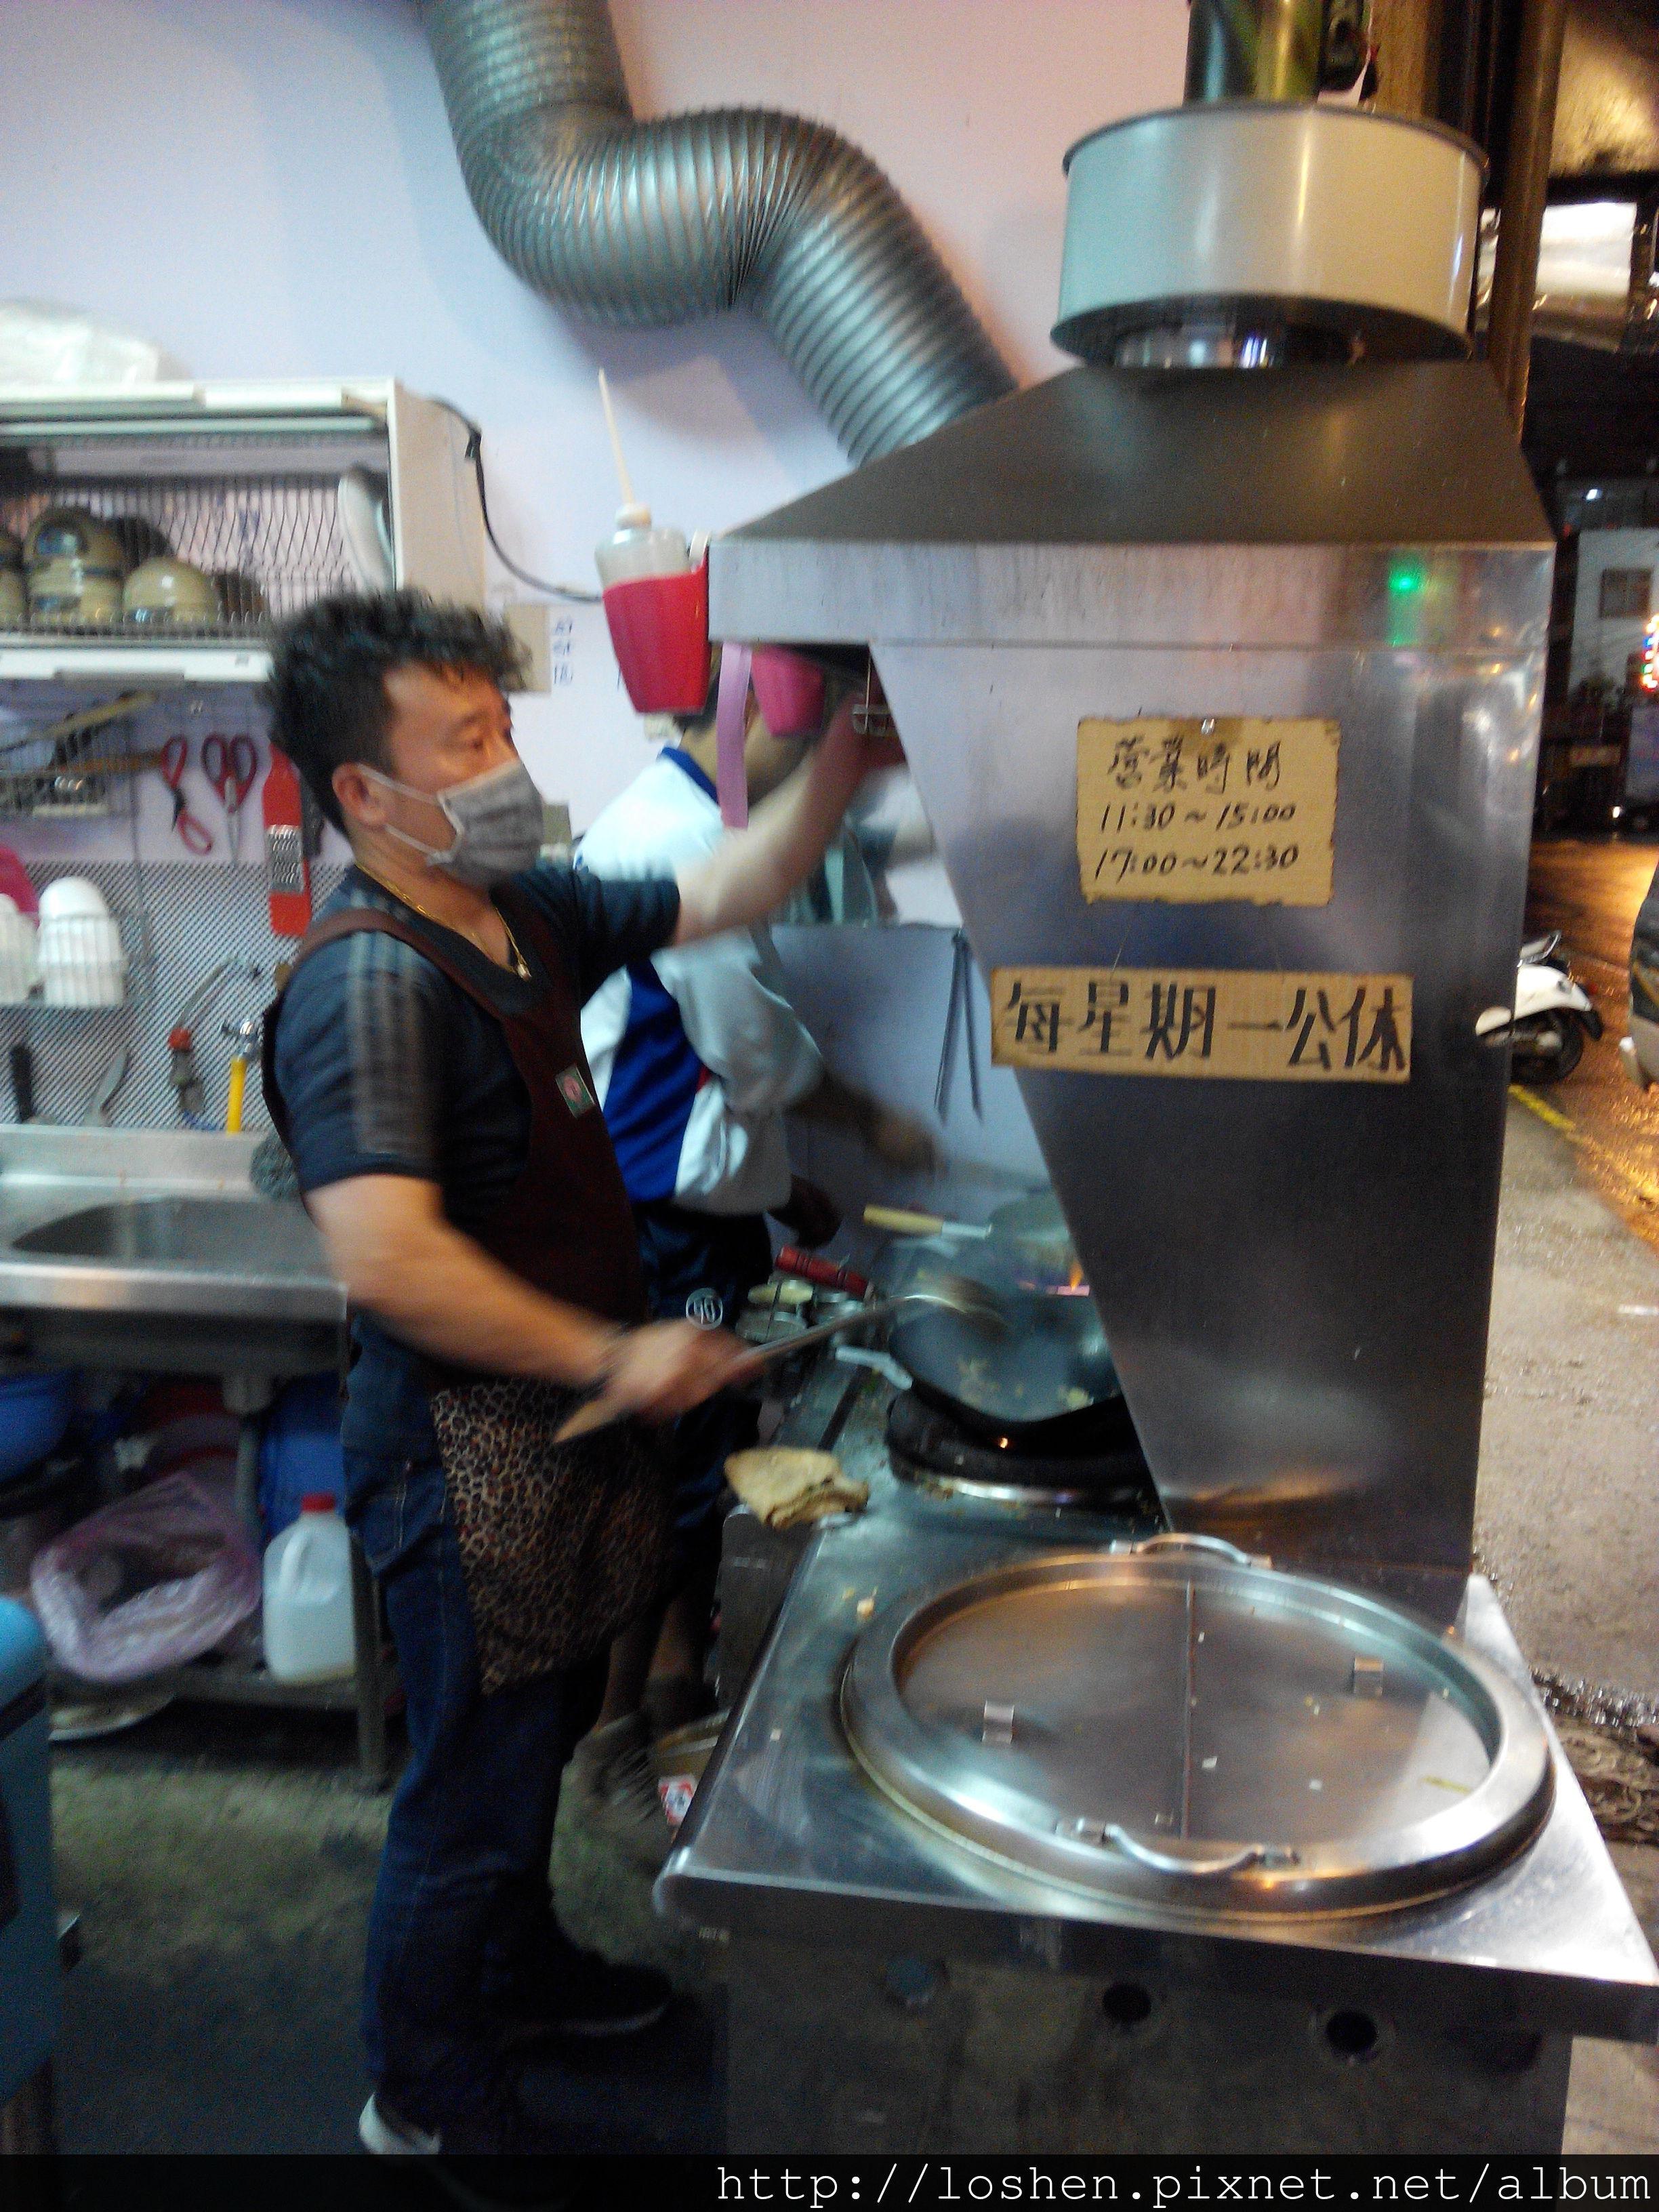 禾鼎炒麵炒飯